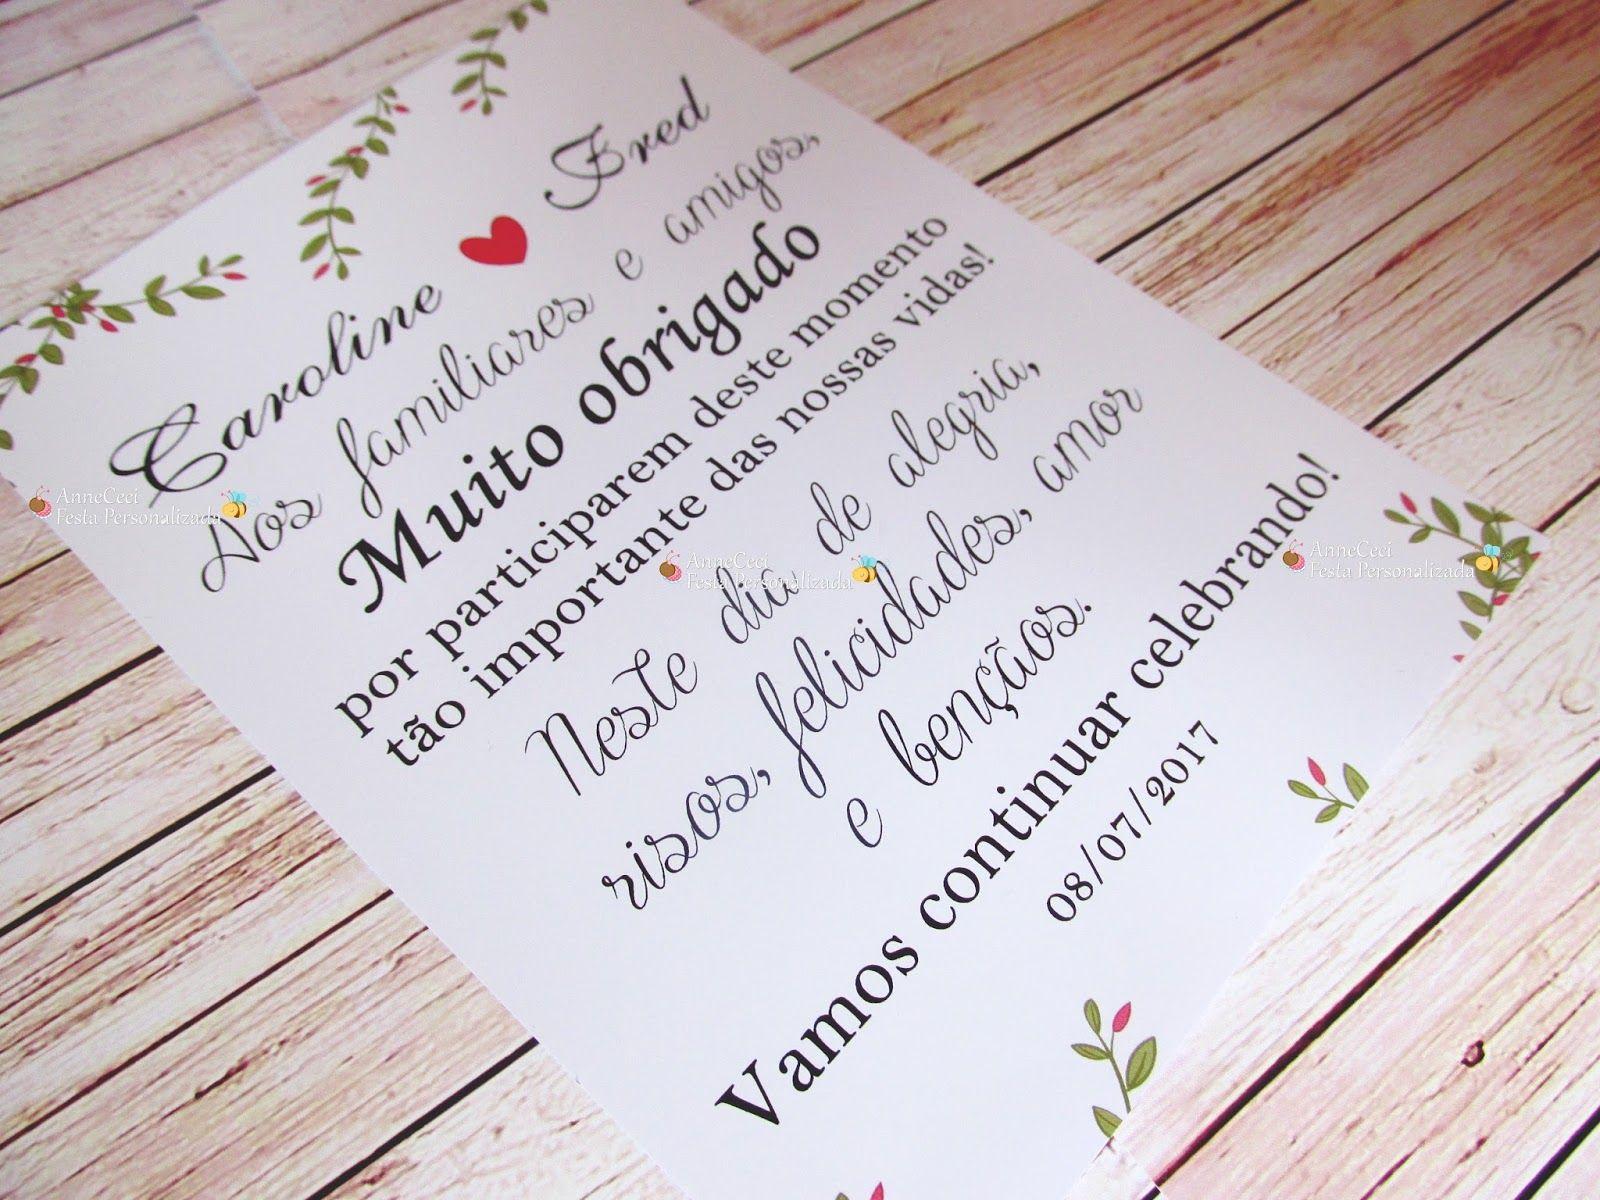 Mensagens Para Cartão De Casamento: Image Result For Mensagem De Agradecimento Para Os